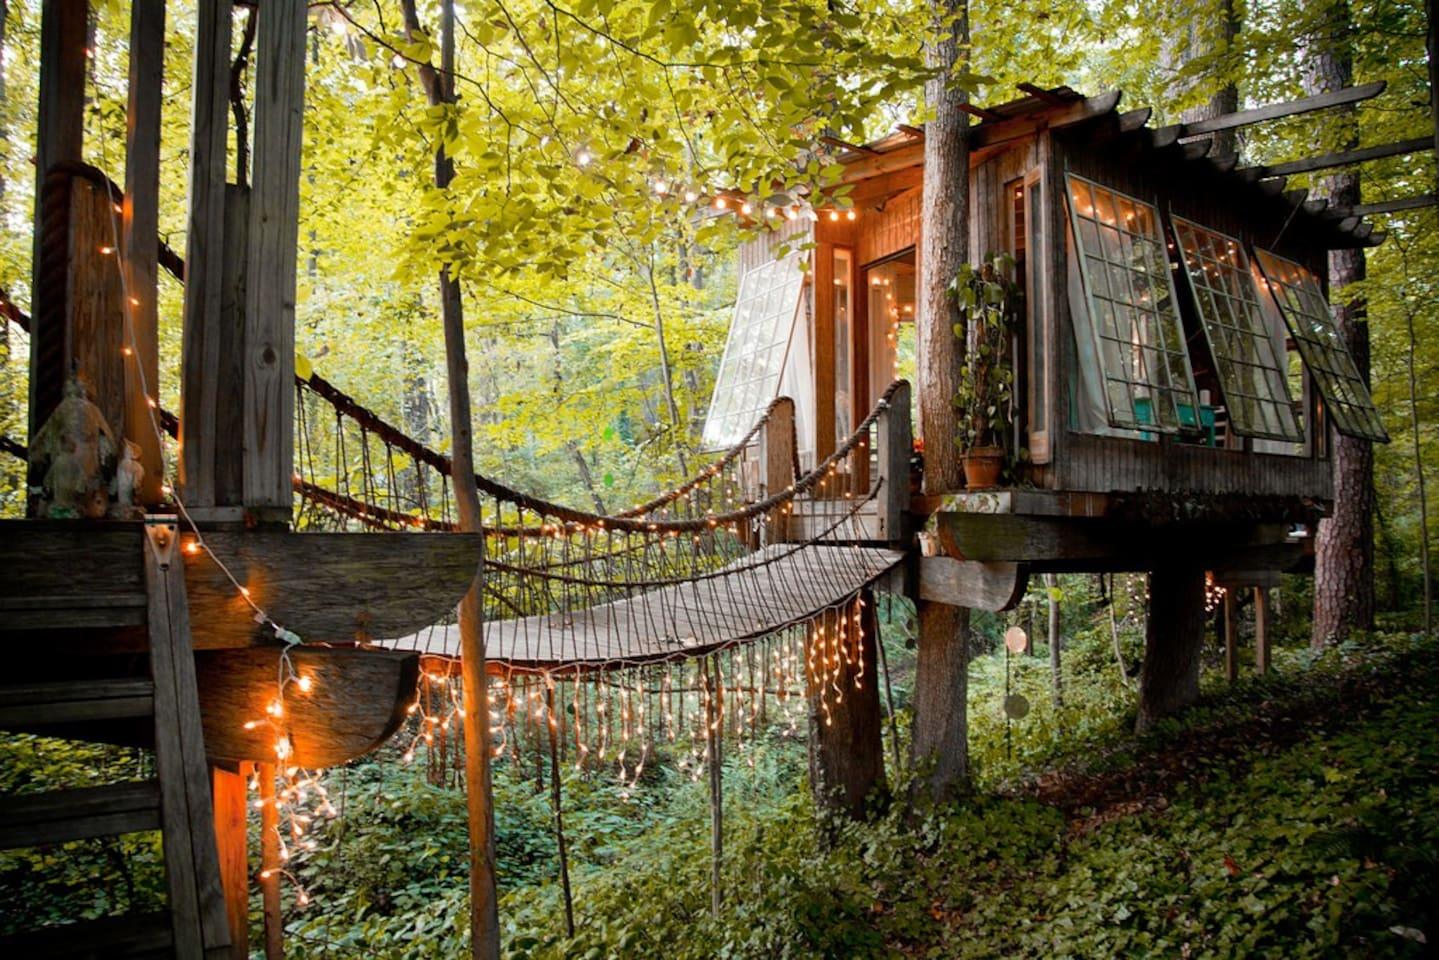 Airbnb series un imperdibile casa sull albero ad atlanta - Airbnb casa sull albero ...